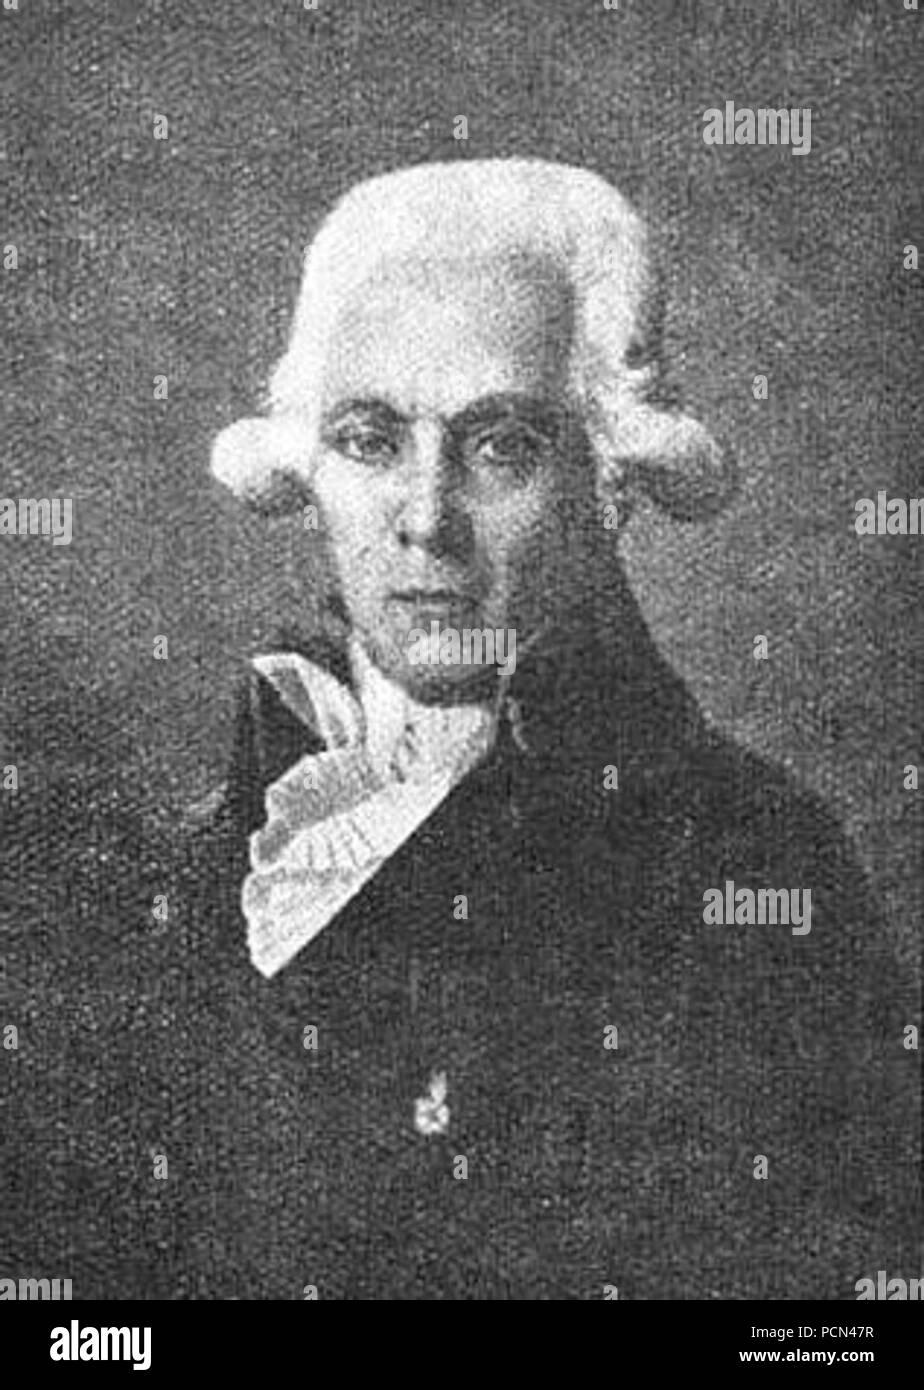 Alexis Larrey chirurgien-Major à l‥99Hôpital la Grave de Toulouse  docteur de l'école de médecine en 1793. - Stock Image